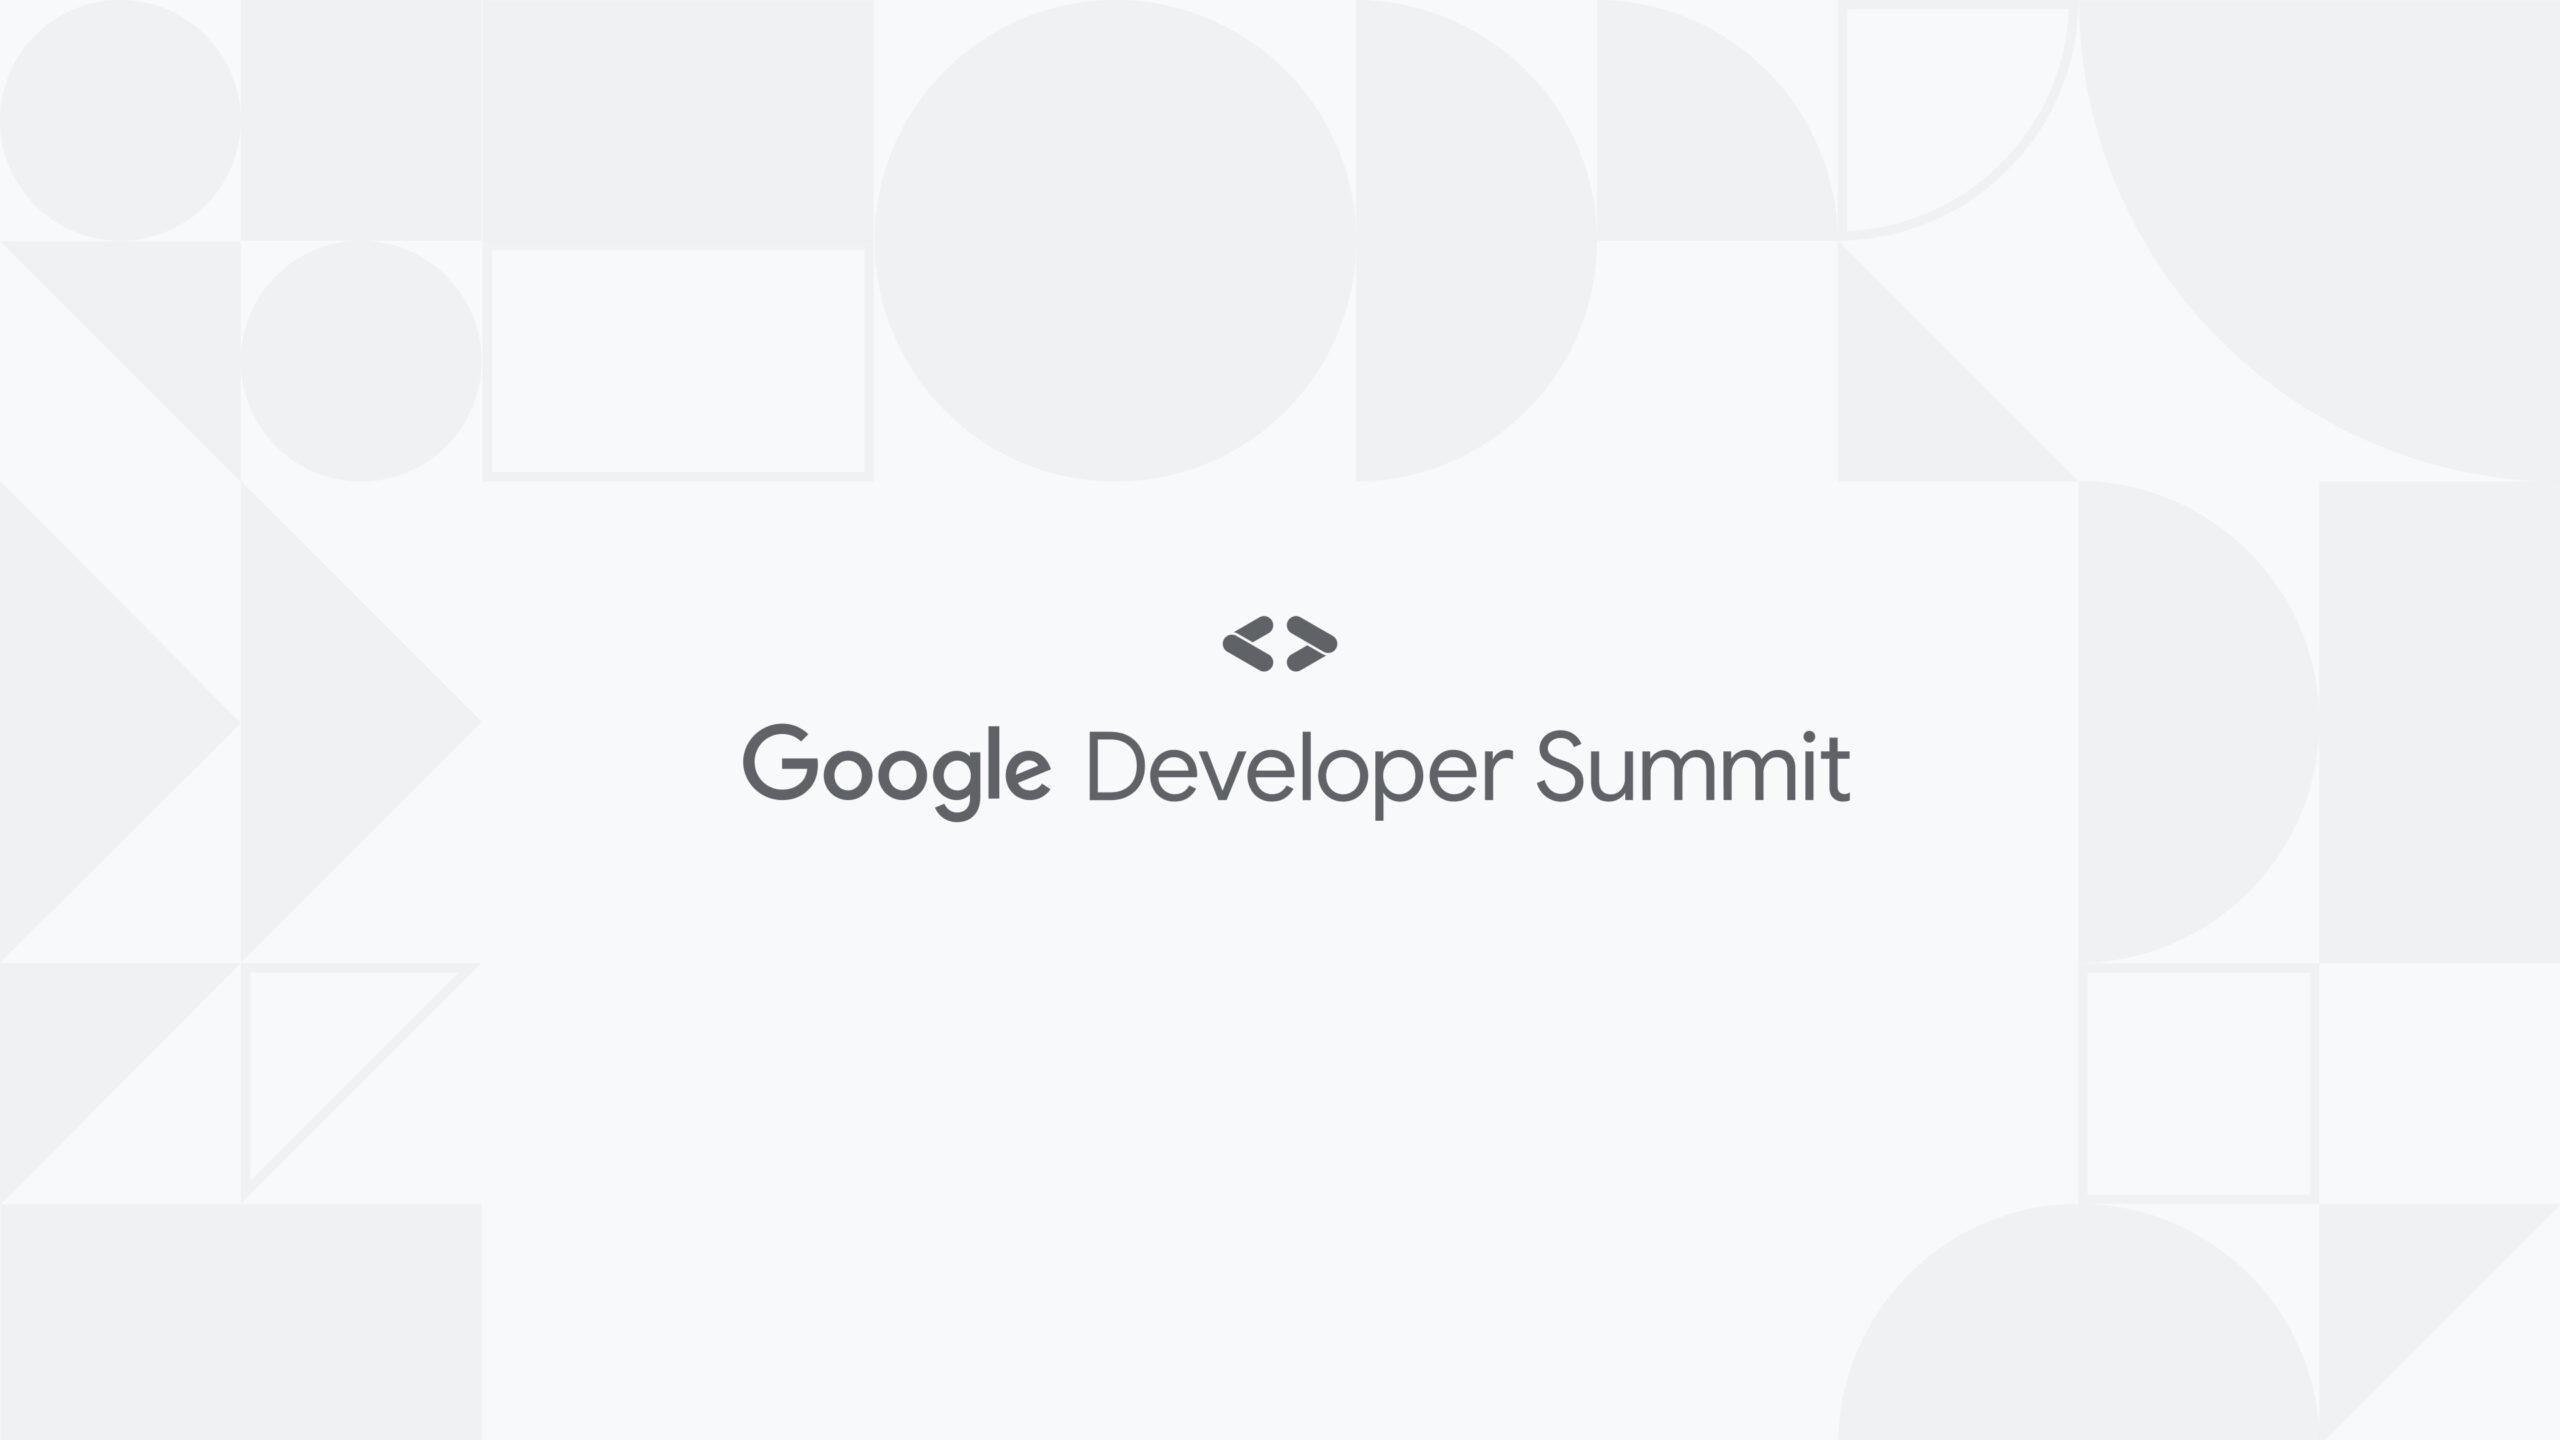 Google Developer Summit